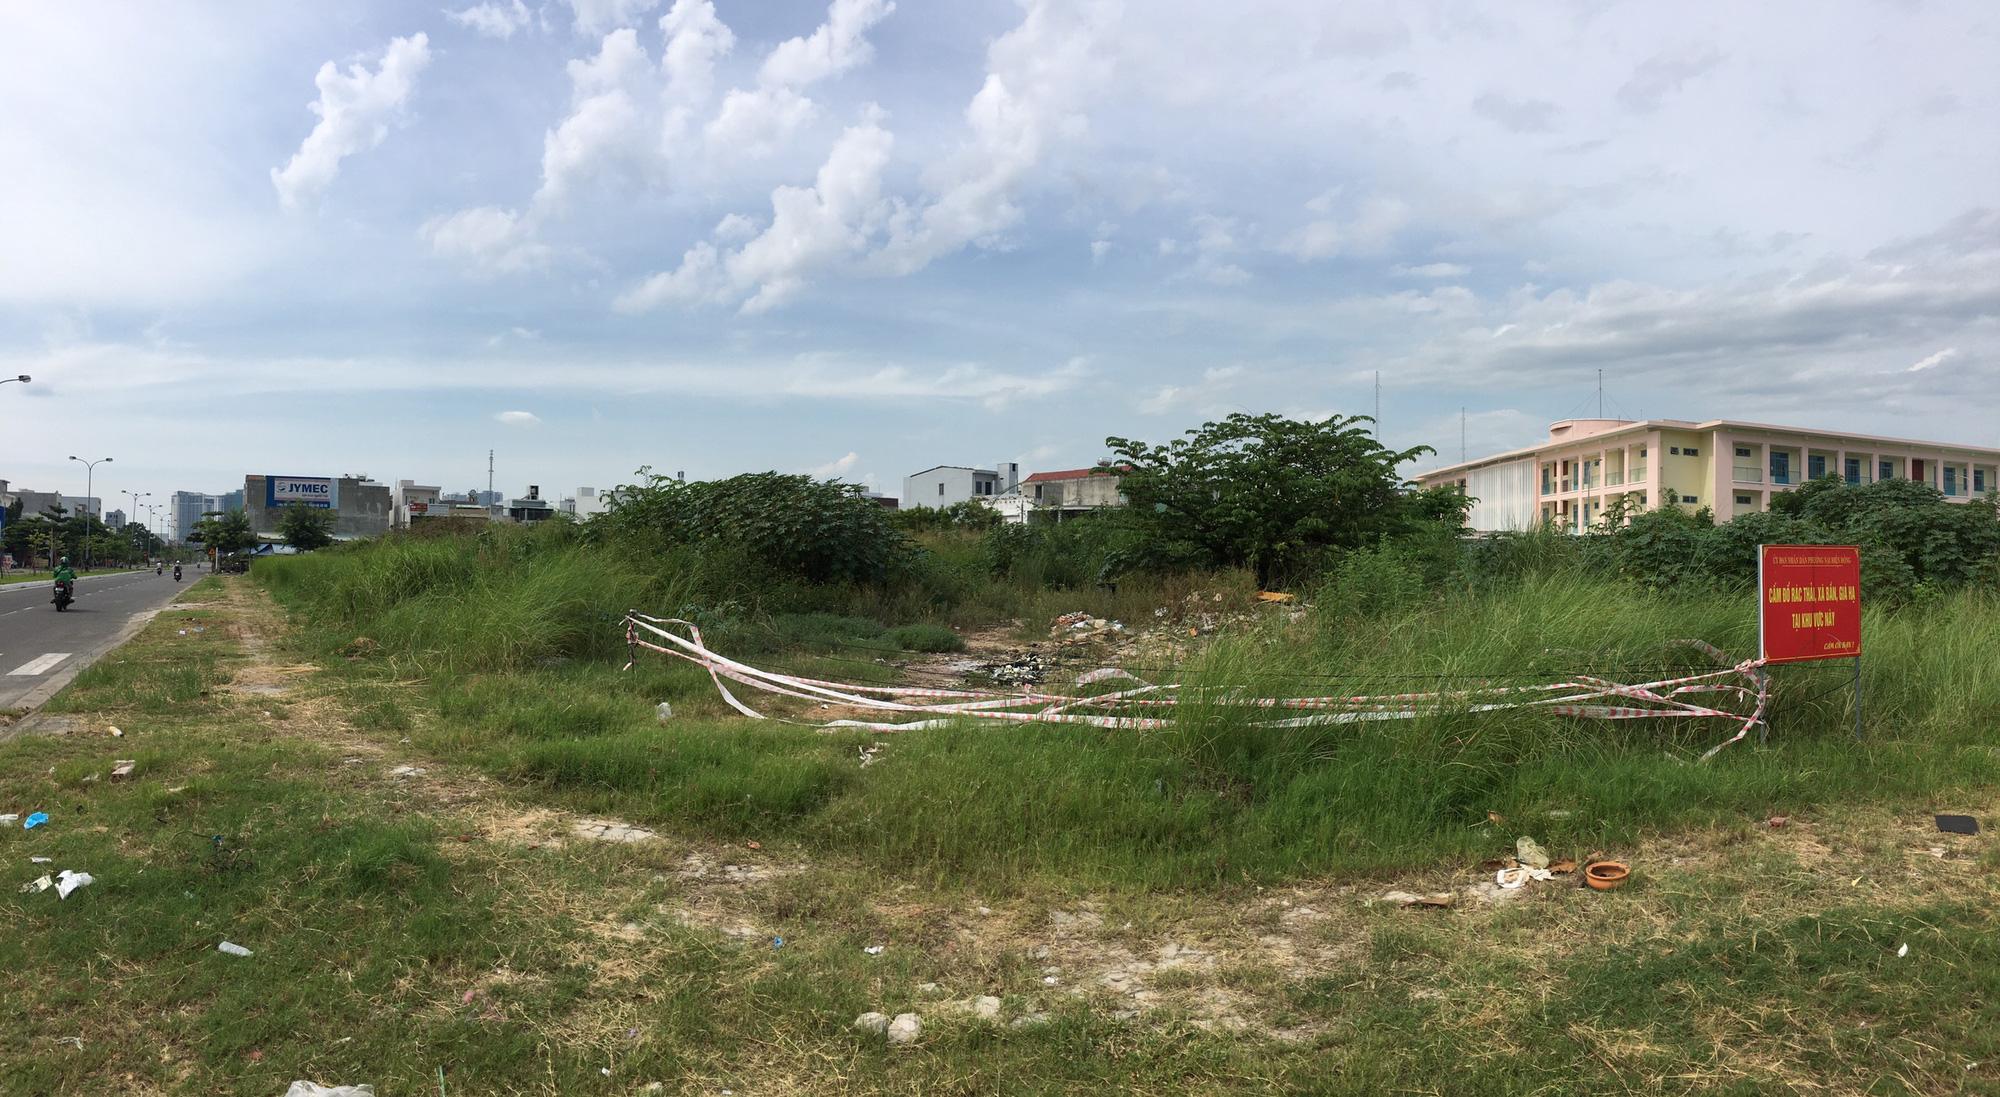 Ba khu đất sát sông Hàn, khu công nghiệp Thủy sản Đà Nẵng kêu gọi đầu tư - Ảnh 4.